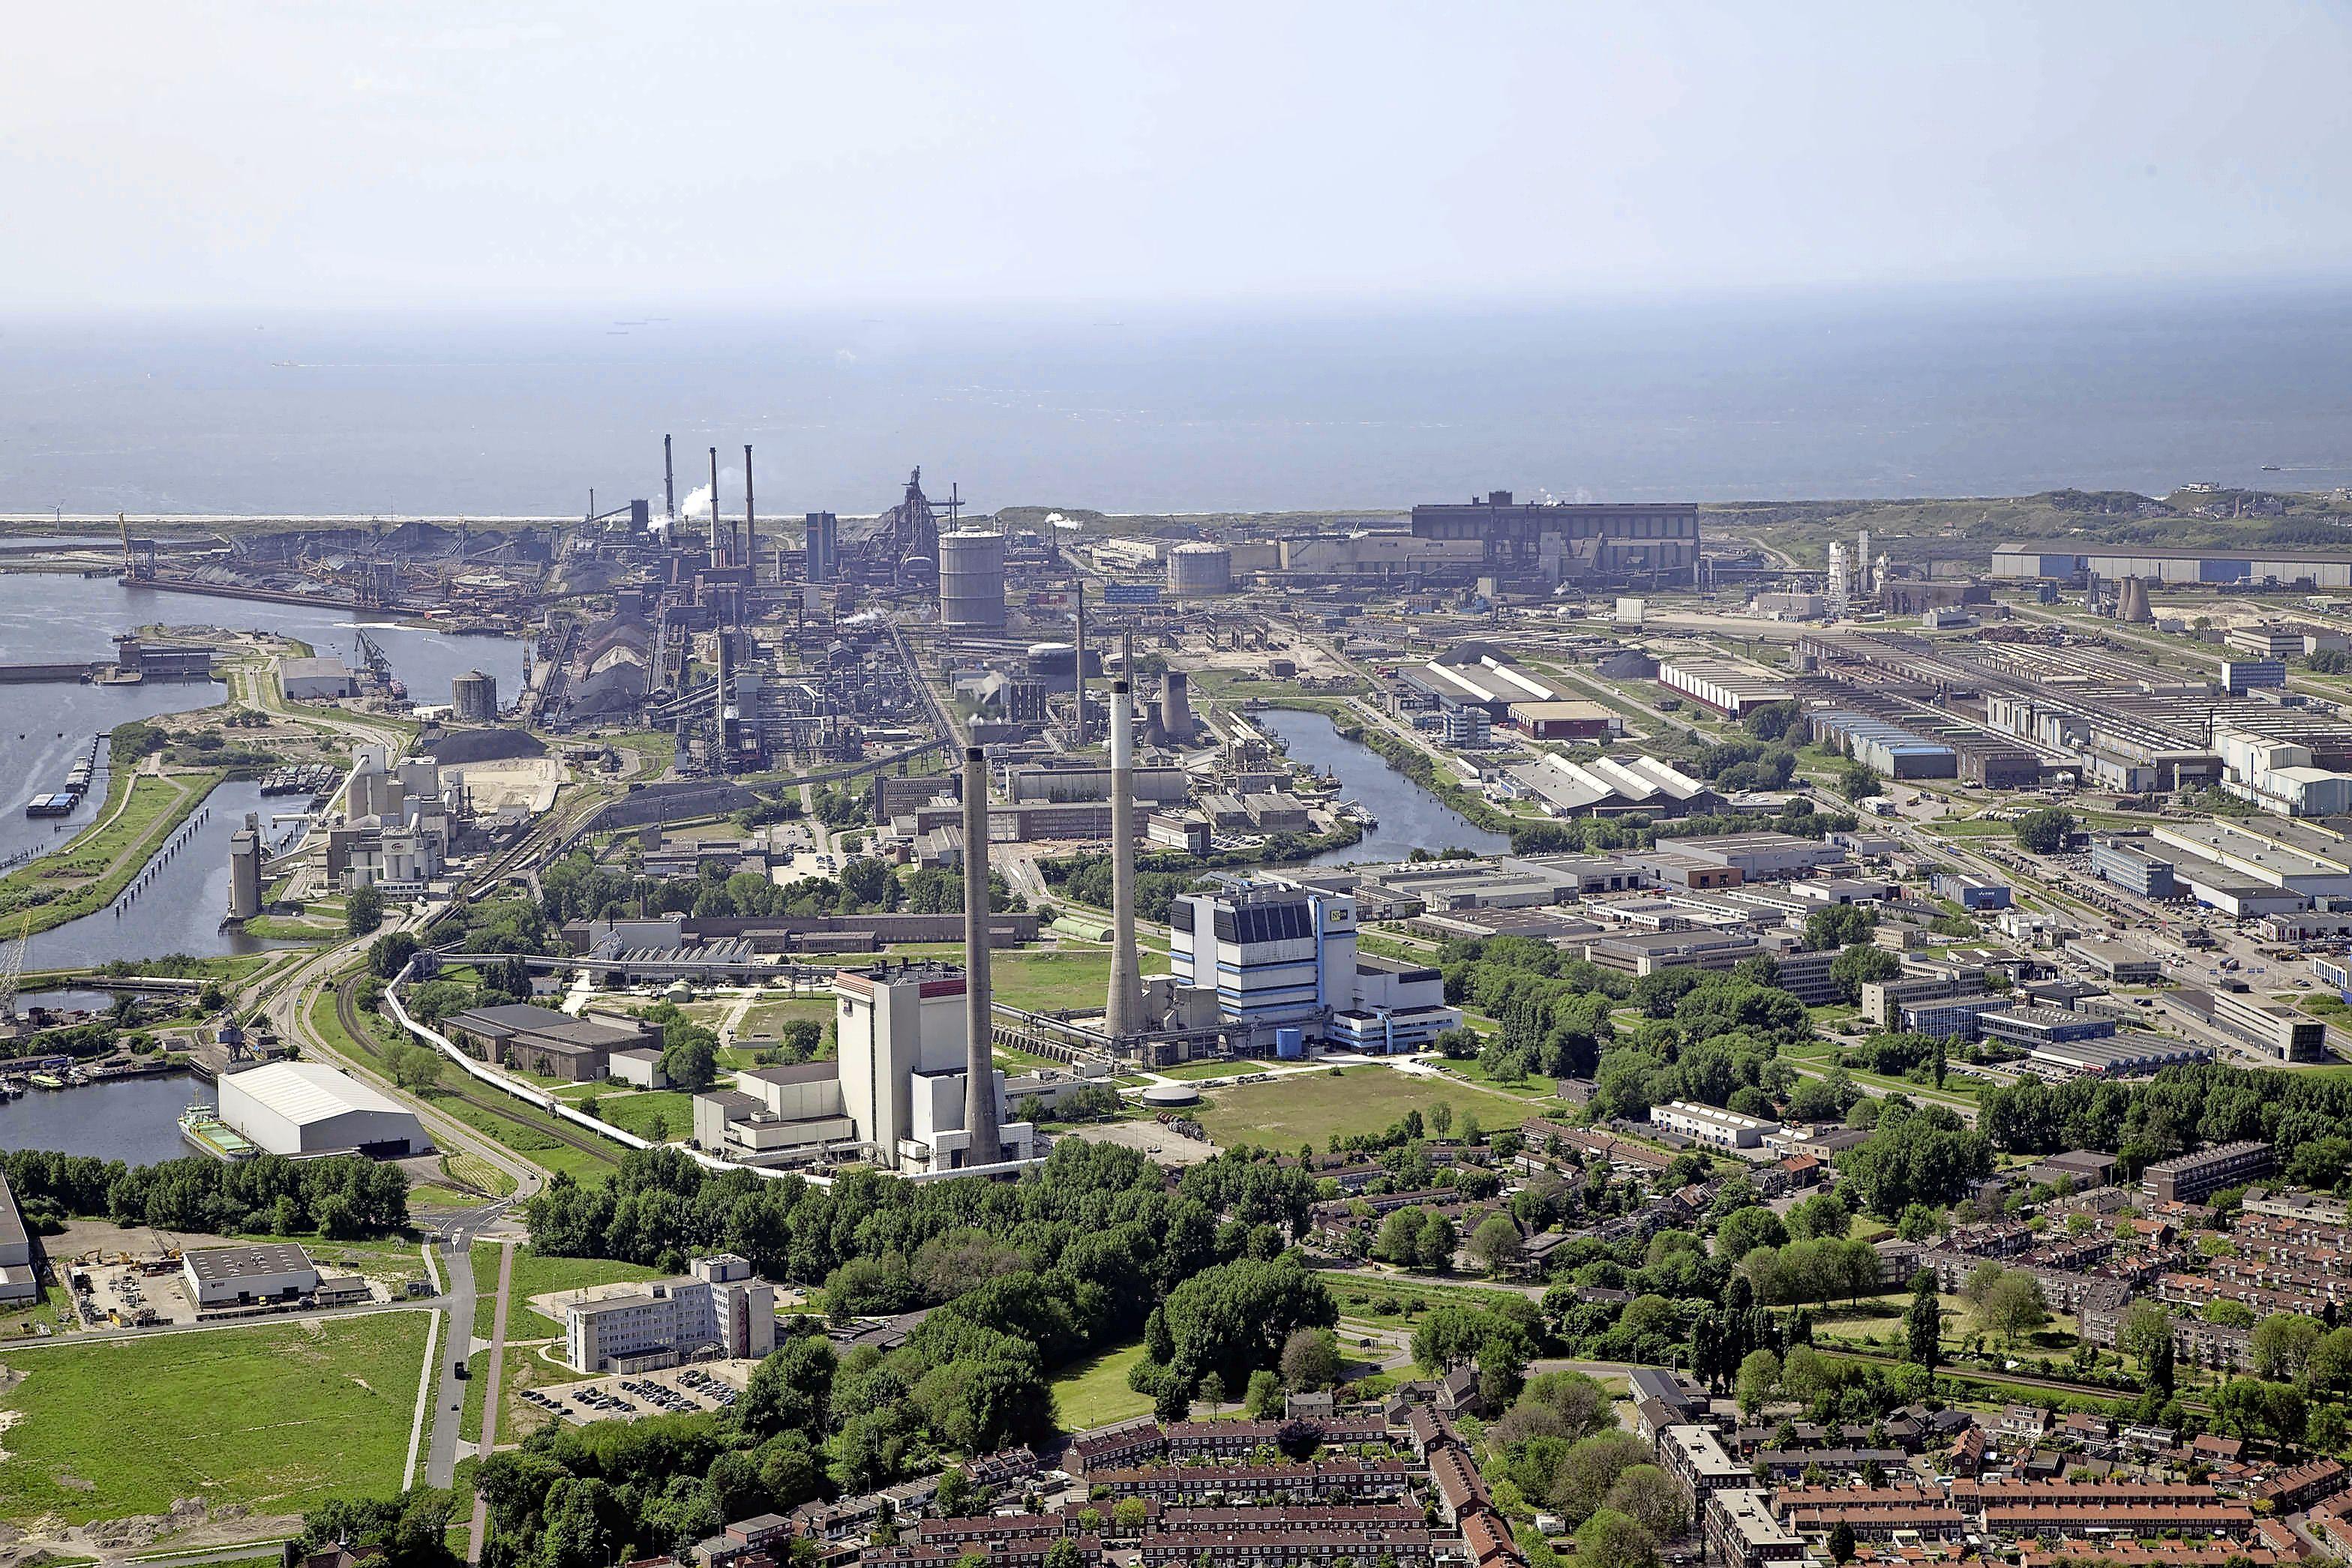 Elektriciteitscentrales Vattenfall bij Tata Steel krijgen in 2030 geen hoogovengas meer om op te stoken; toekomst en werkgelegenheid ongewis